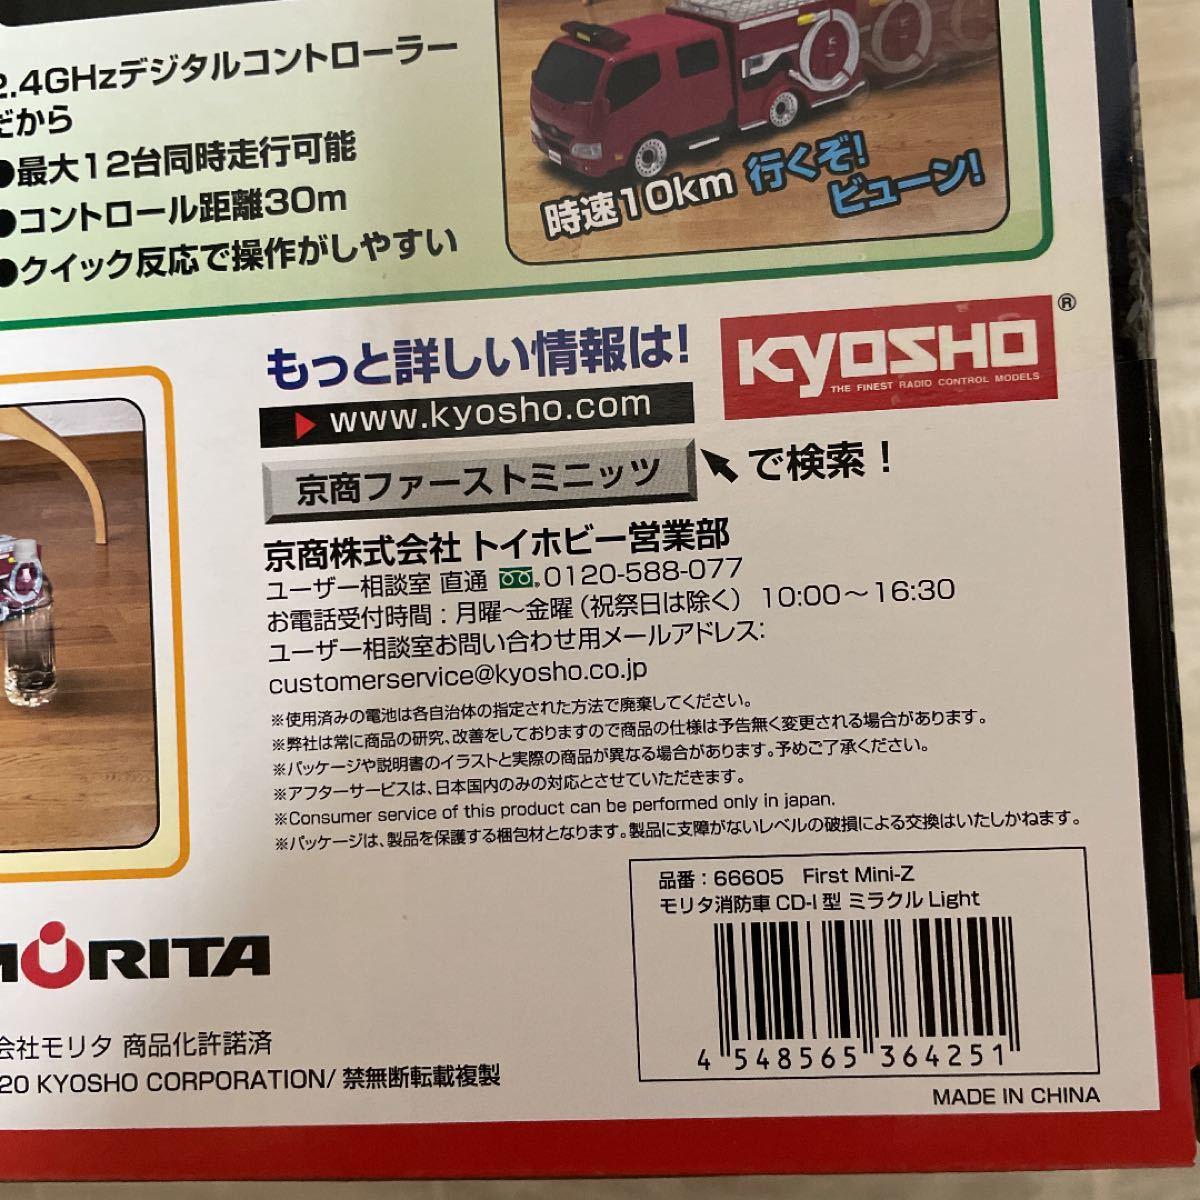 京商 ラジコン モリタ消防車 kyosho